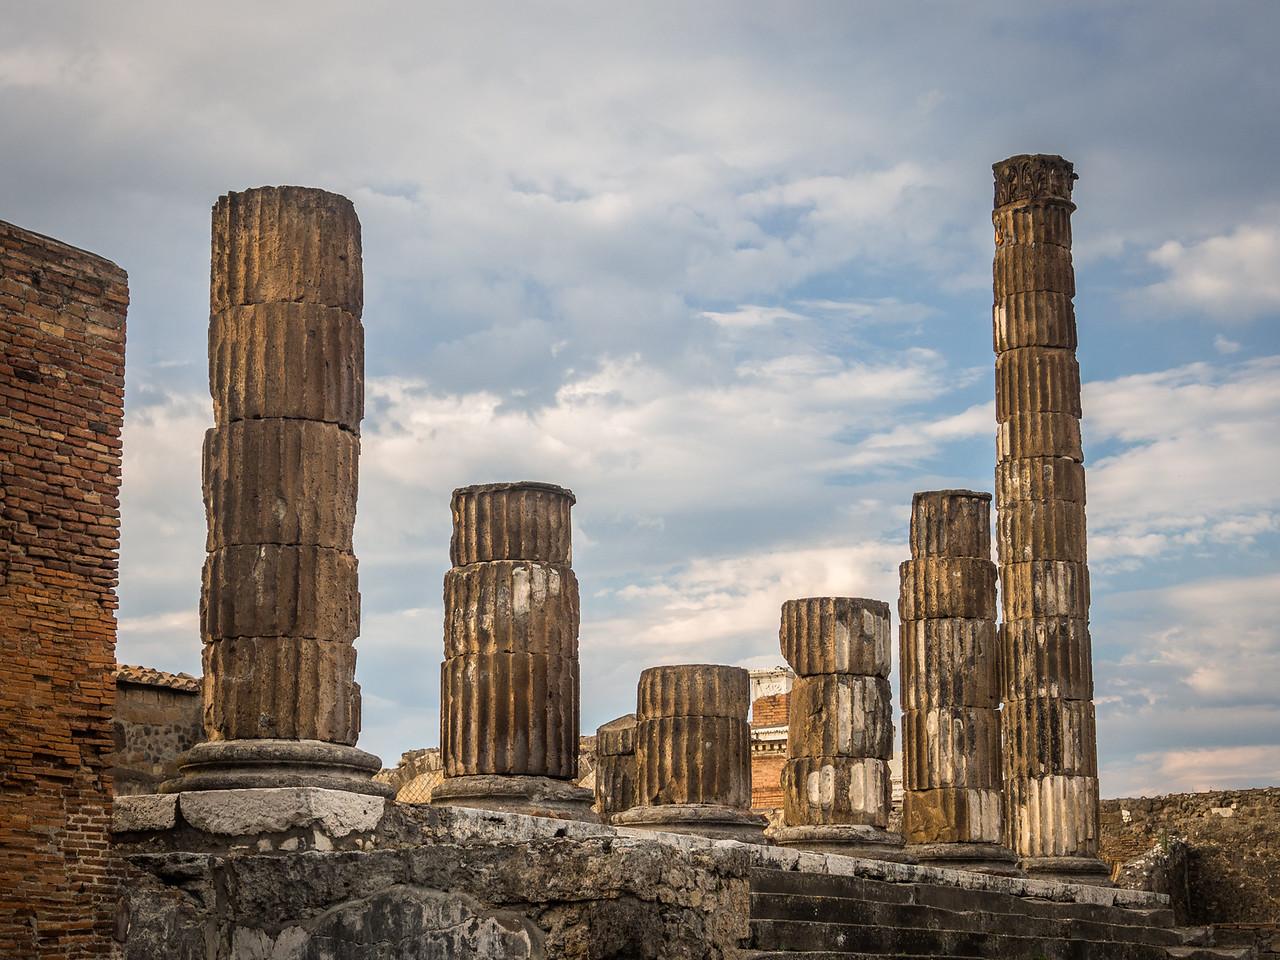 Pillars, Pompeii